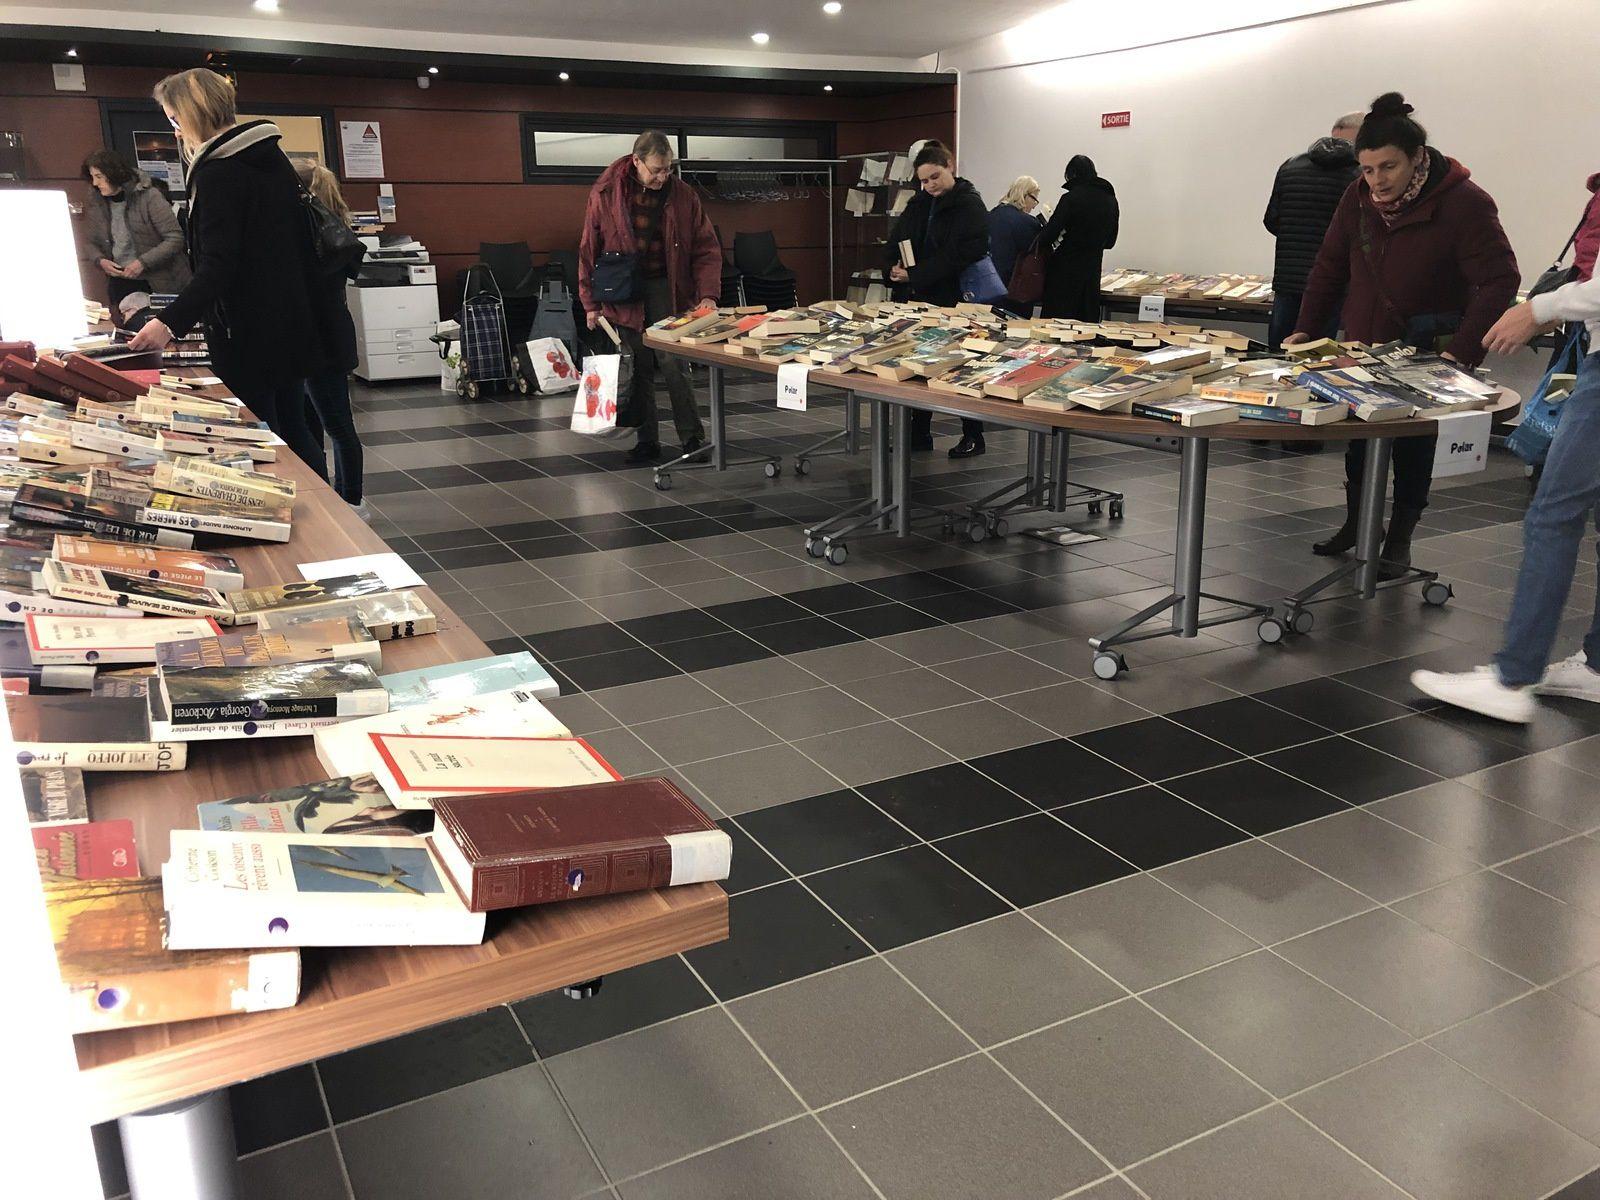 A la salle de conférence de la médiathèque Pierre Heraud pour le désherbage des livres